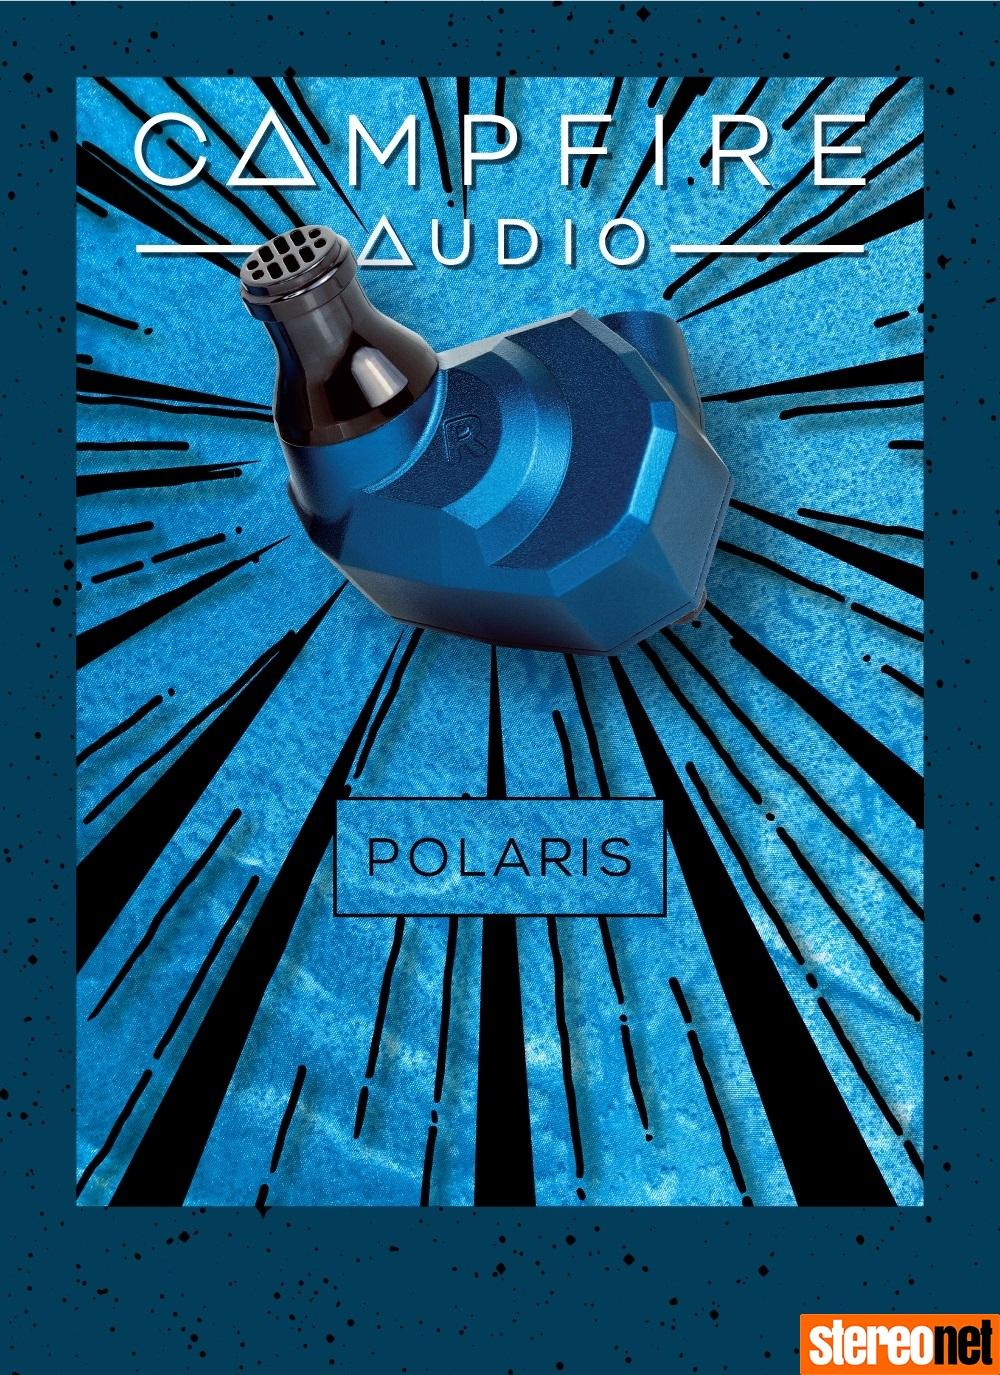 Campfire Audio Polaris 2 IEM review